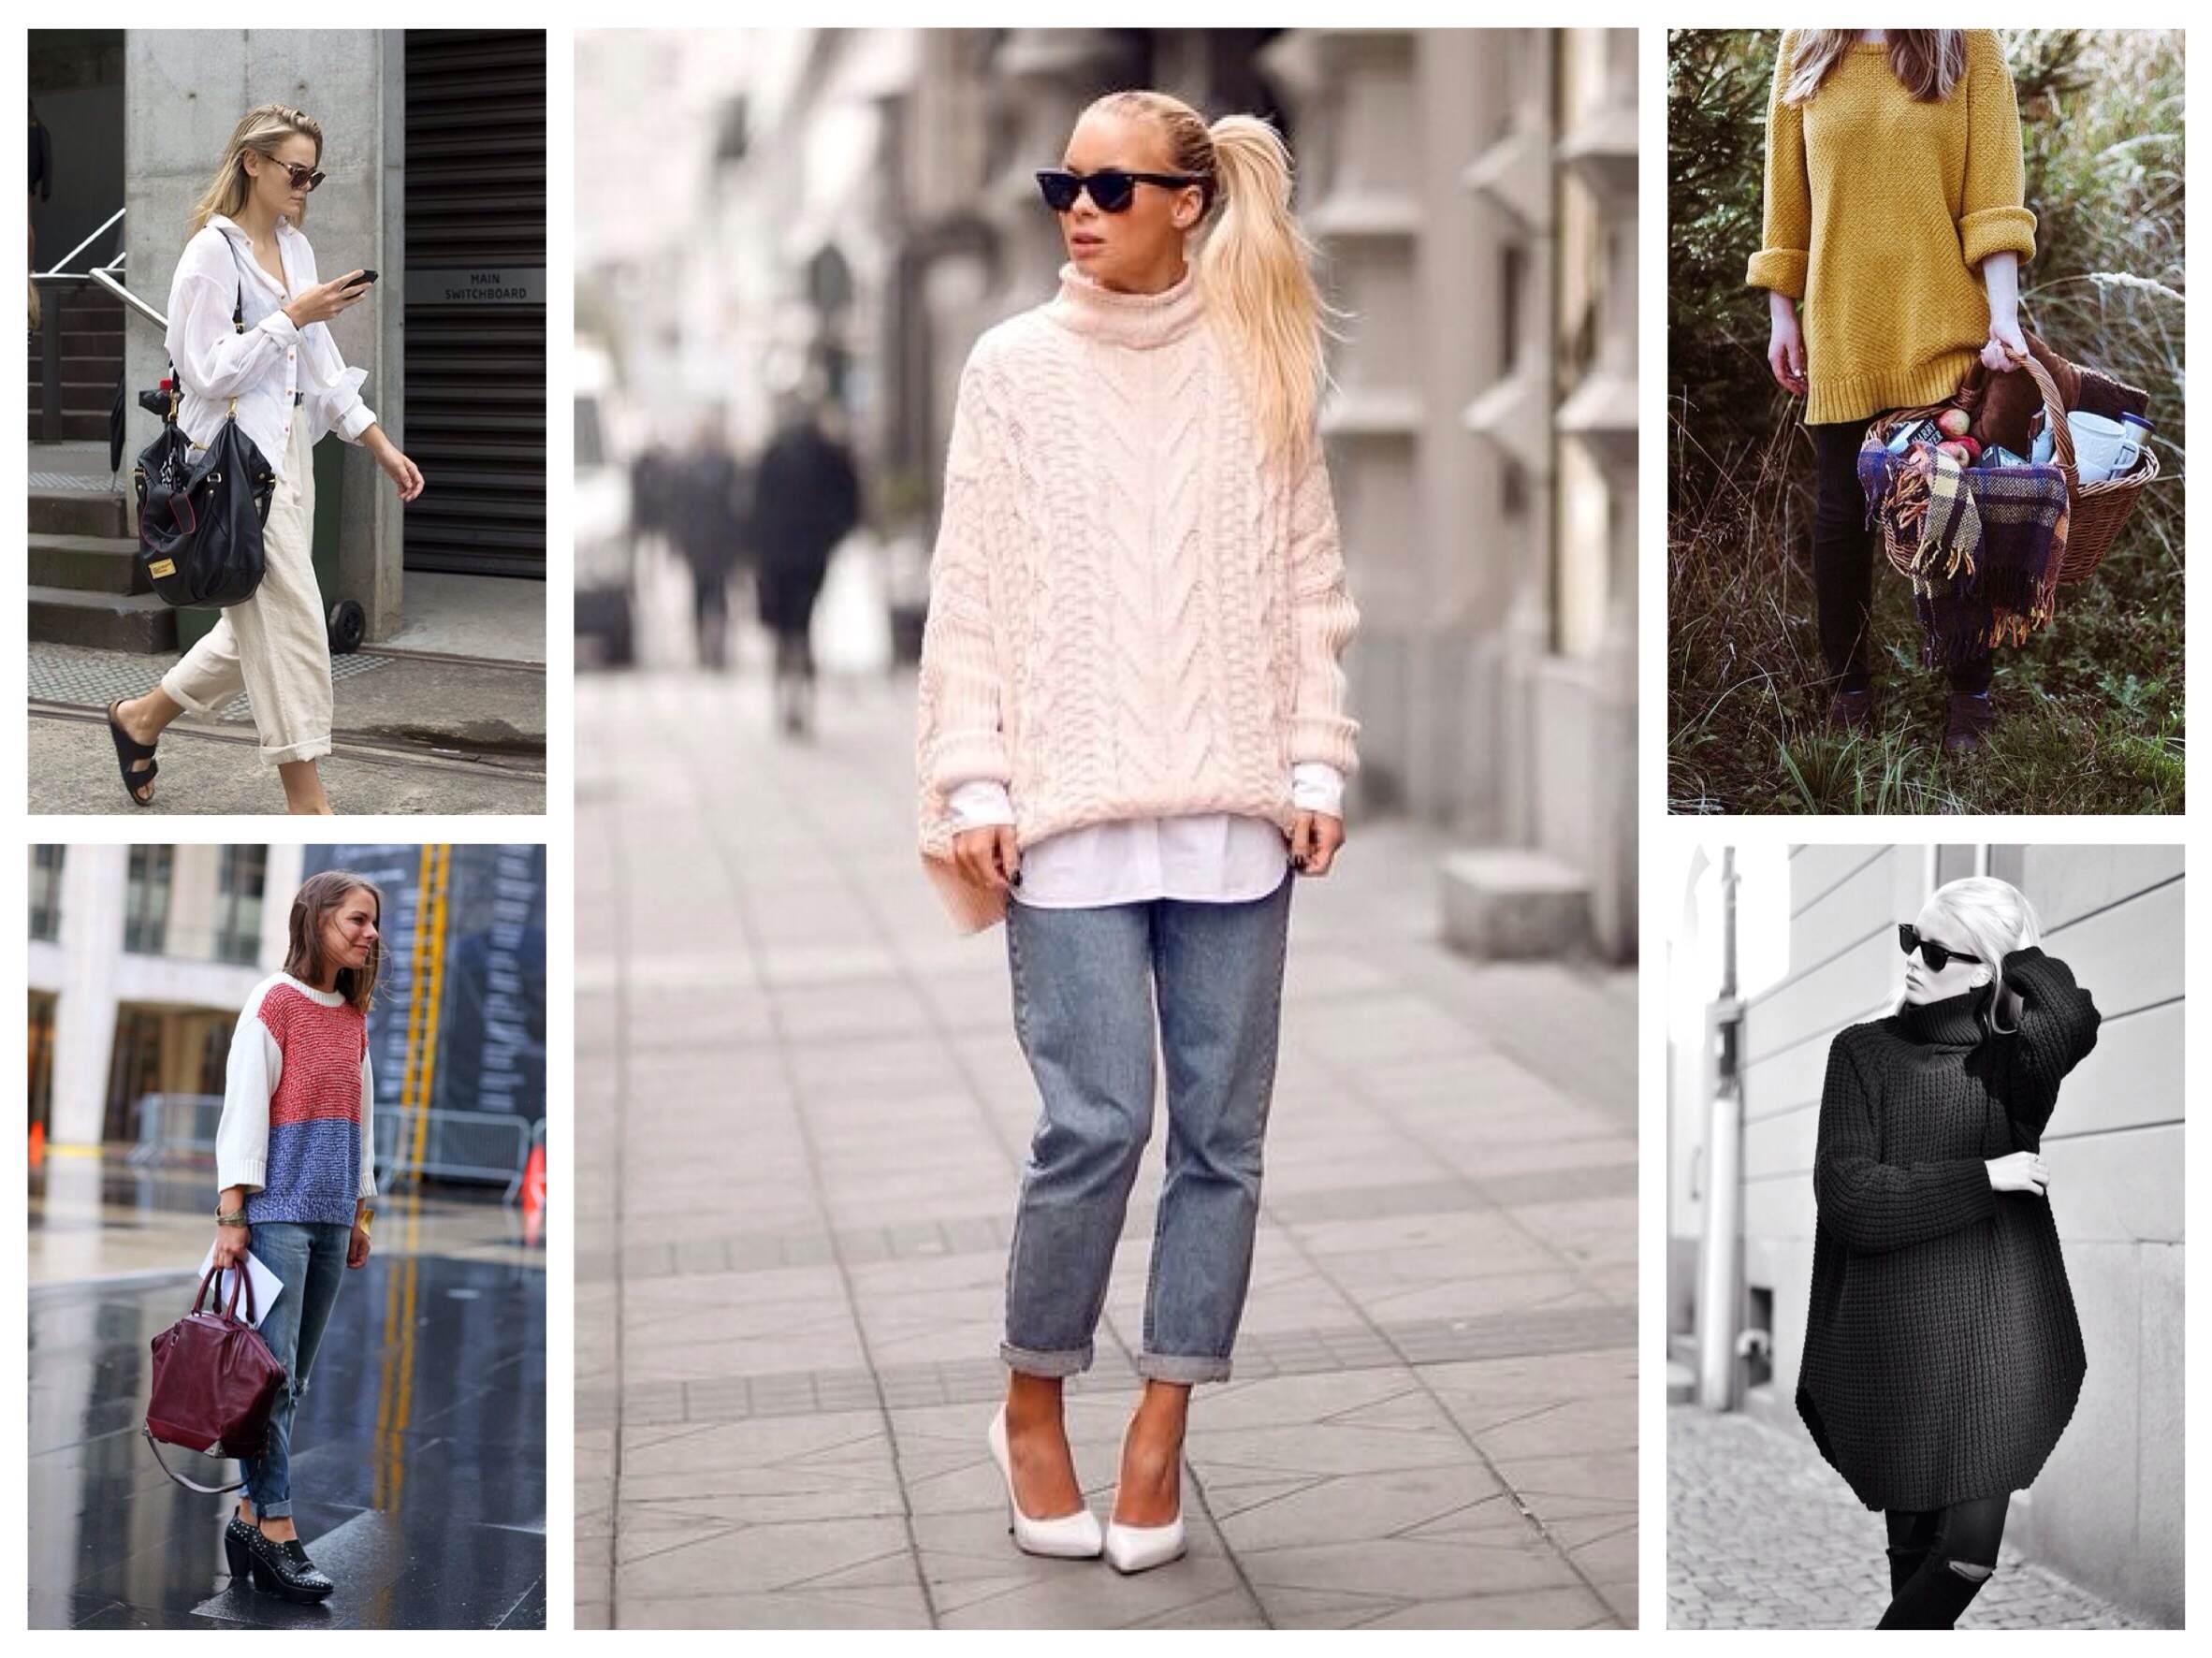 На фото: свитер в стиле оверсайз в 2016 году вошло в топ 3 самых востребованных и популярных фасонов.